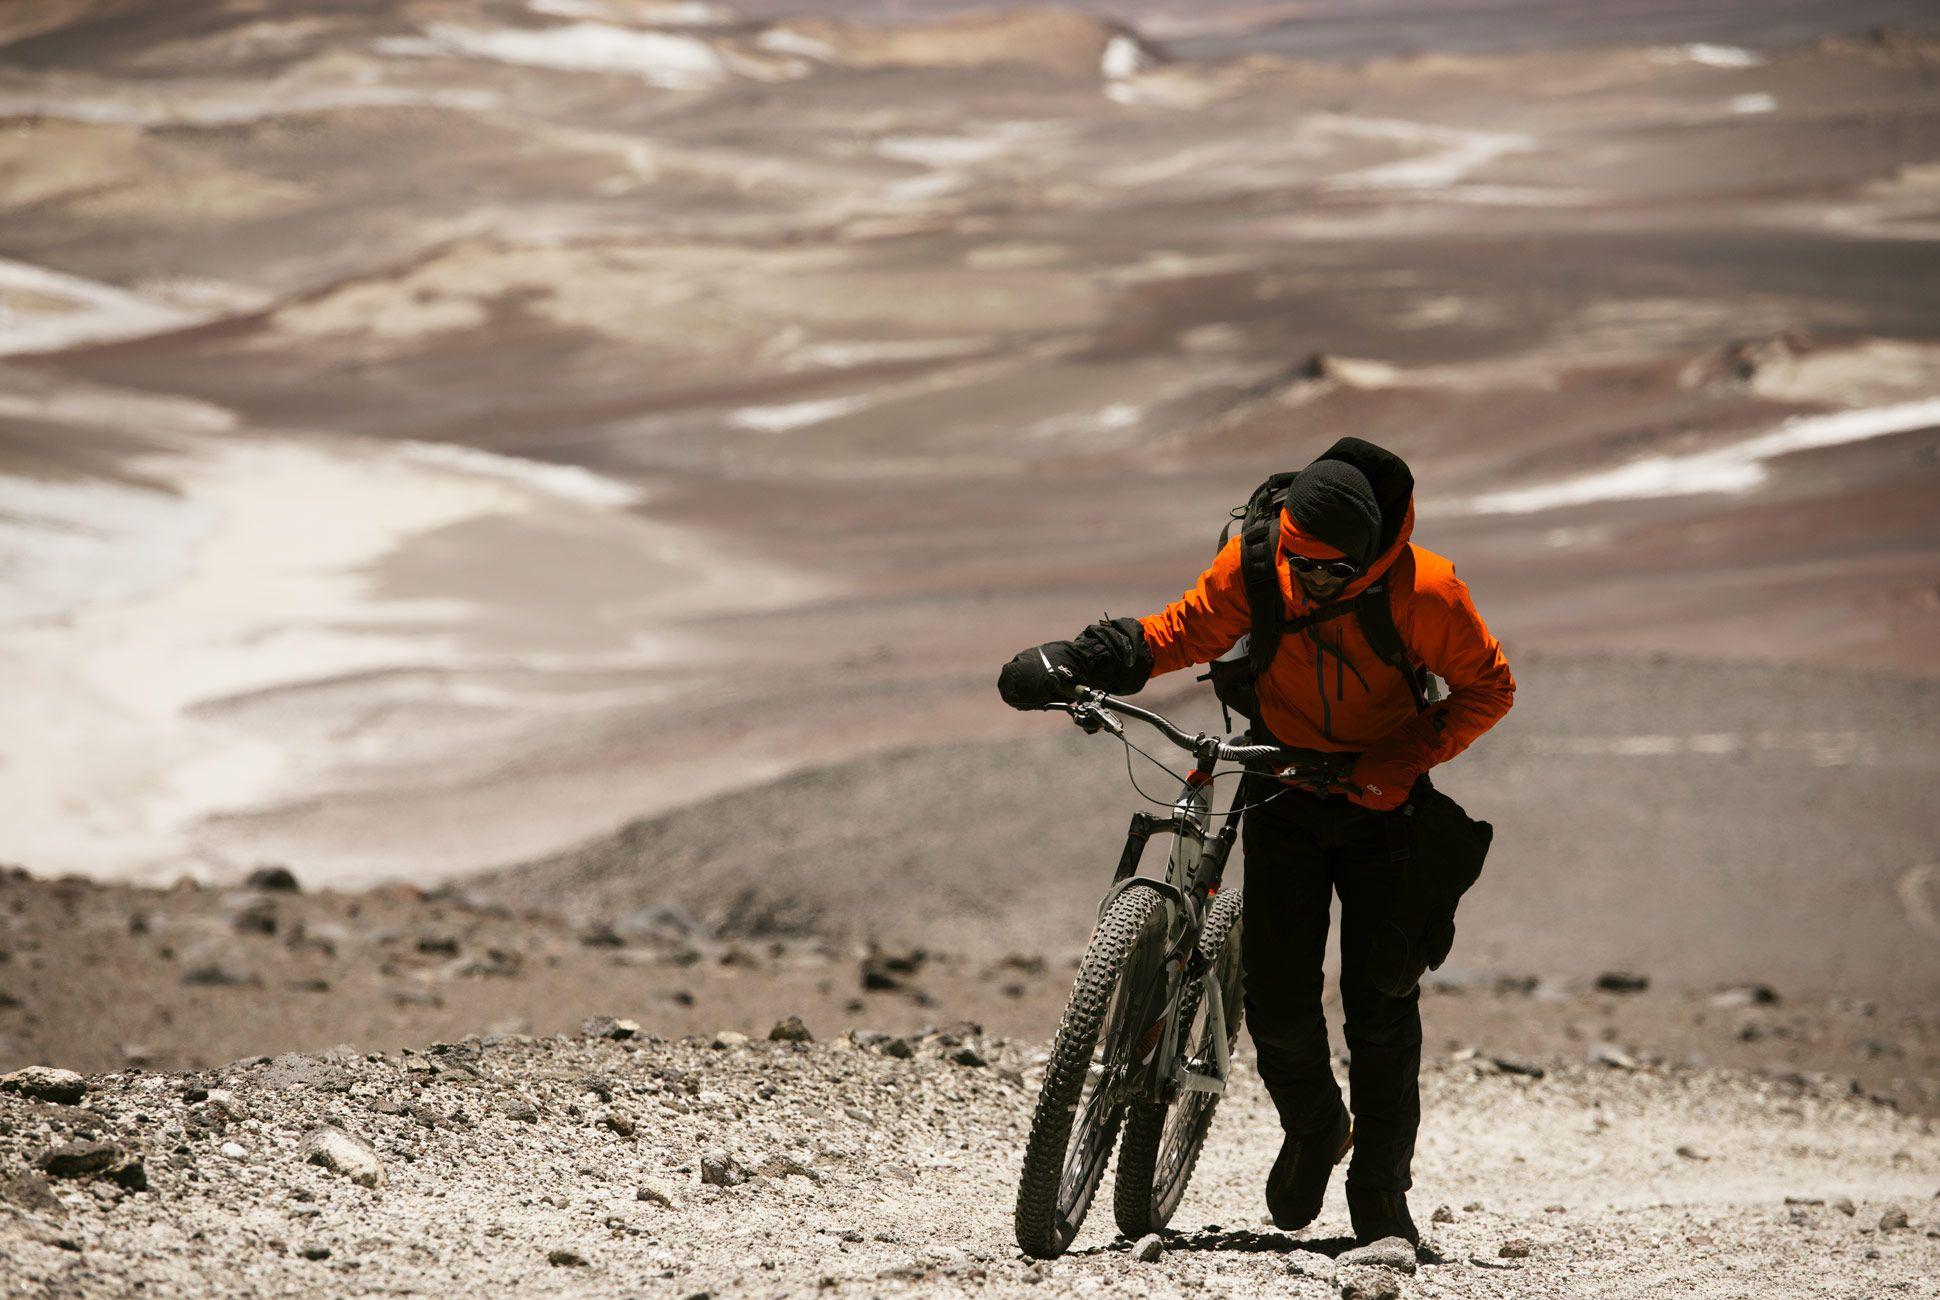 Volcano-Hike-Bike-Gear-Patrol-14